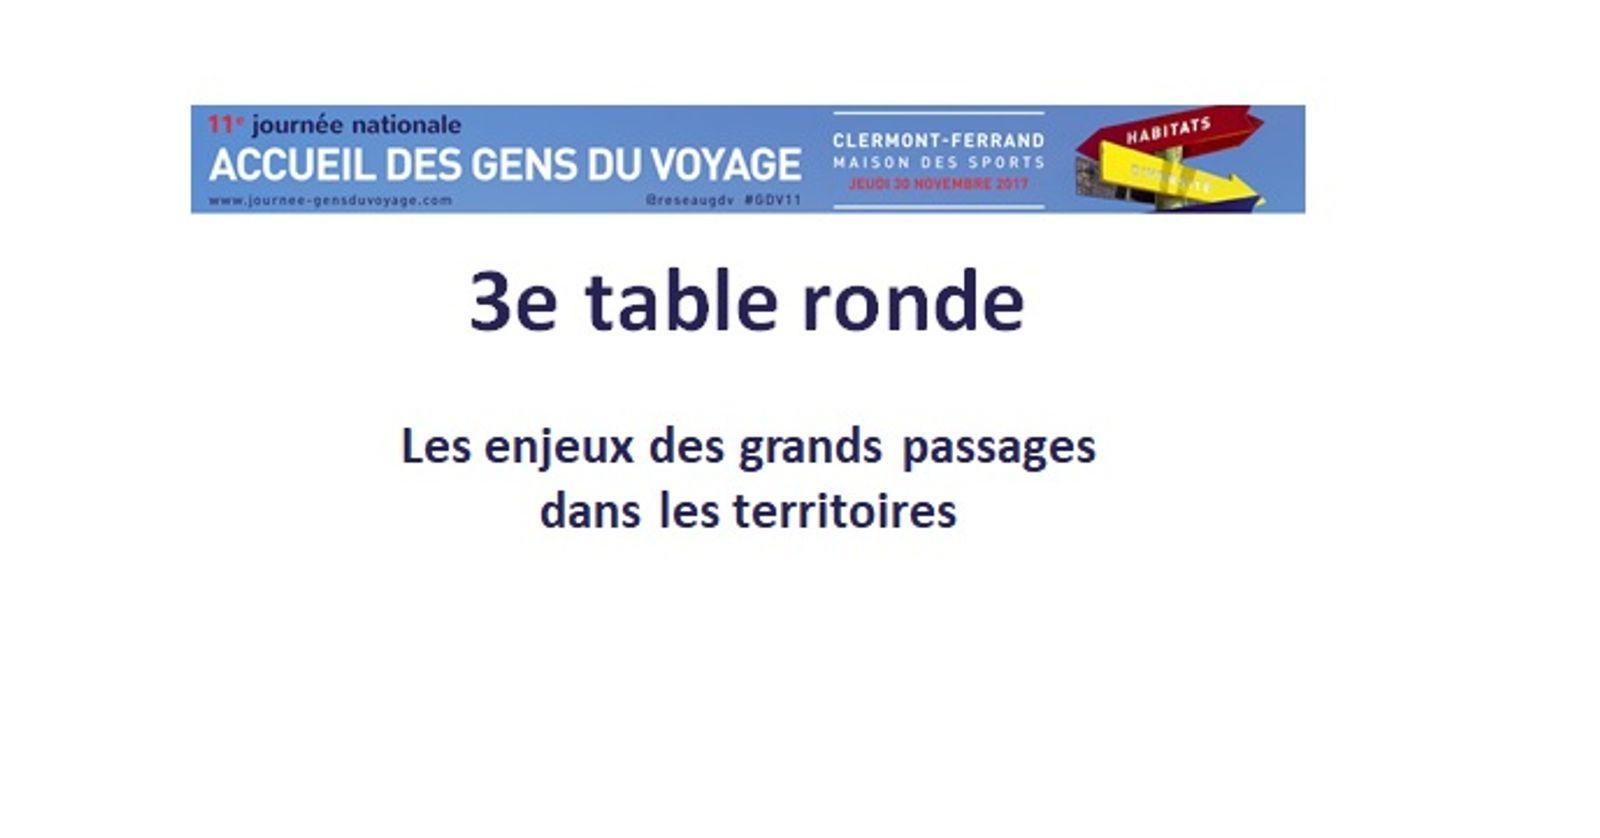 11eme Journée Nationale des Gens du voyage | Troisième table ronde